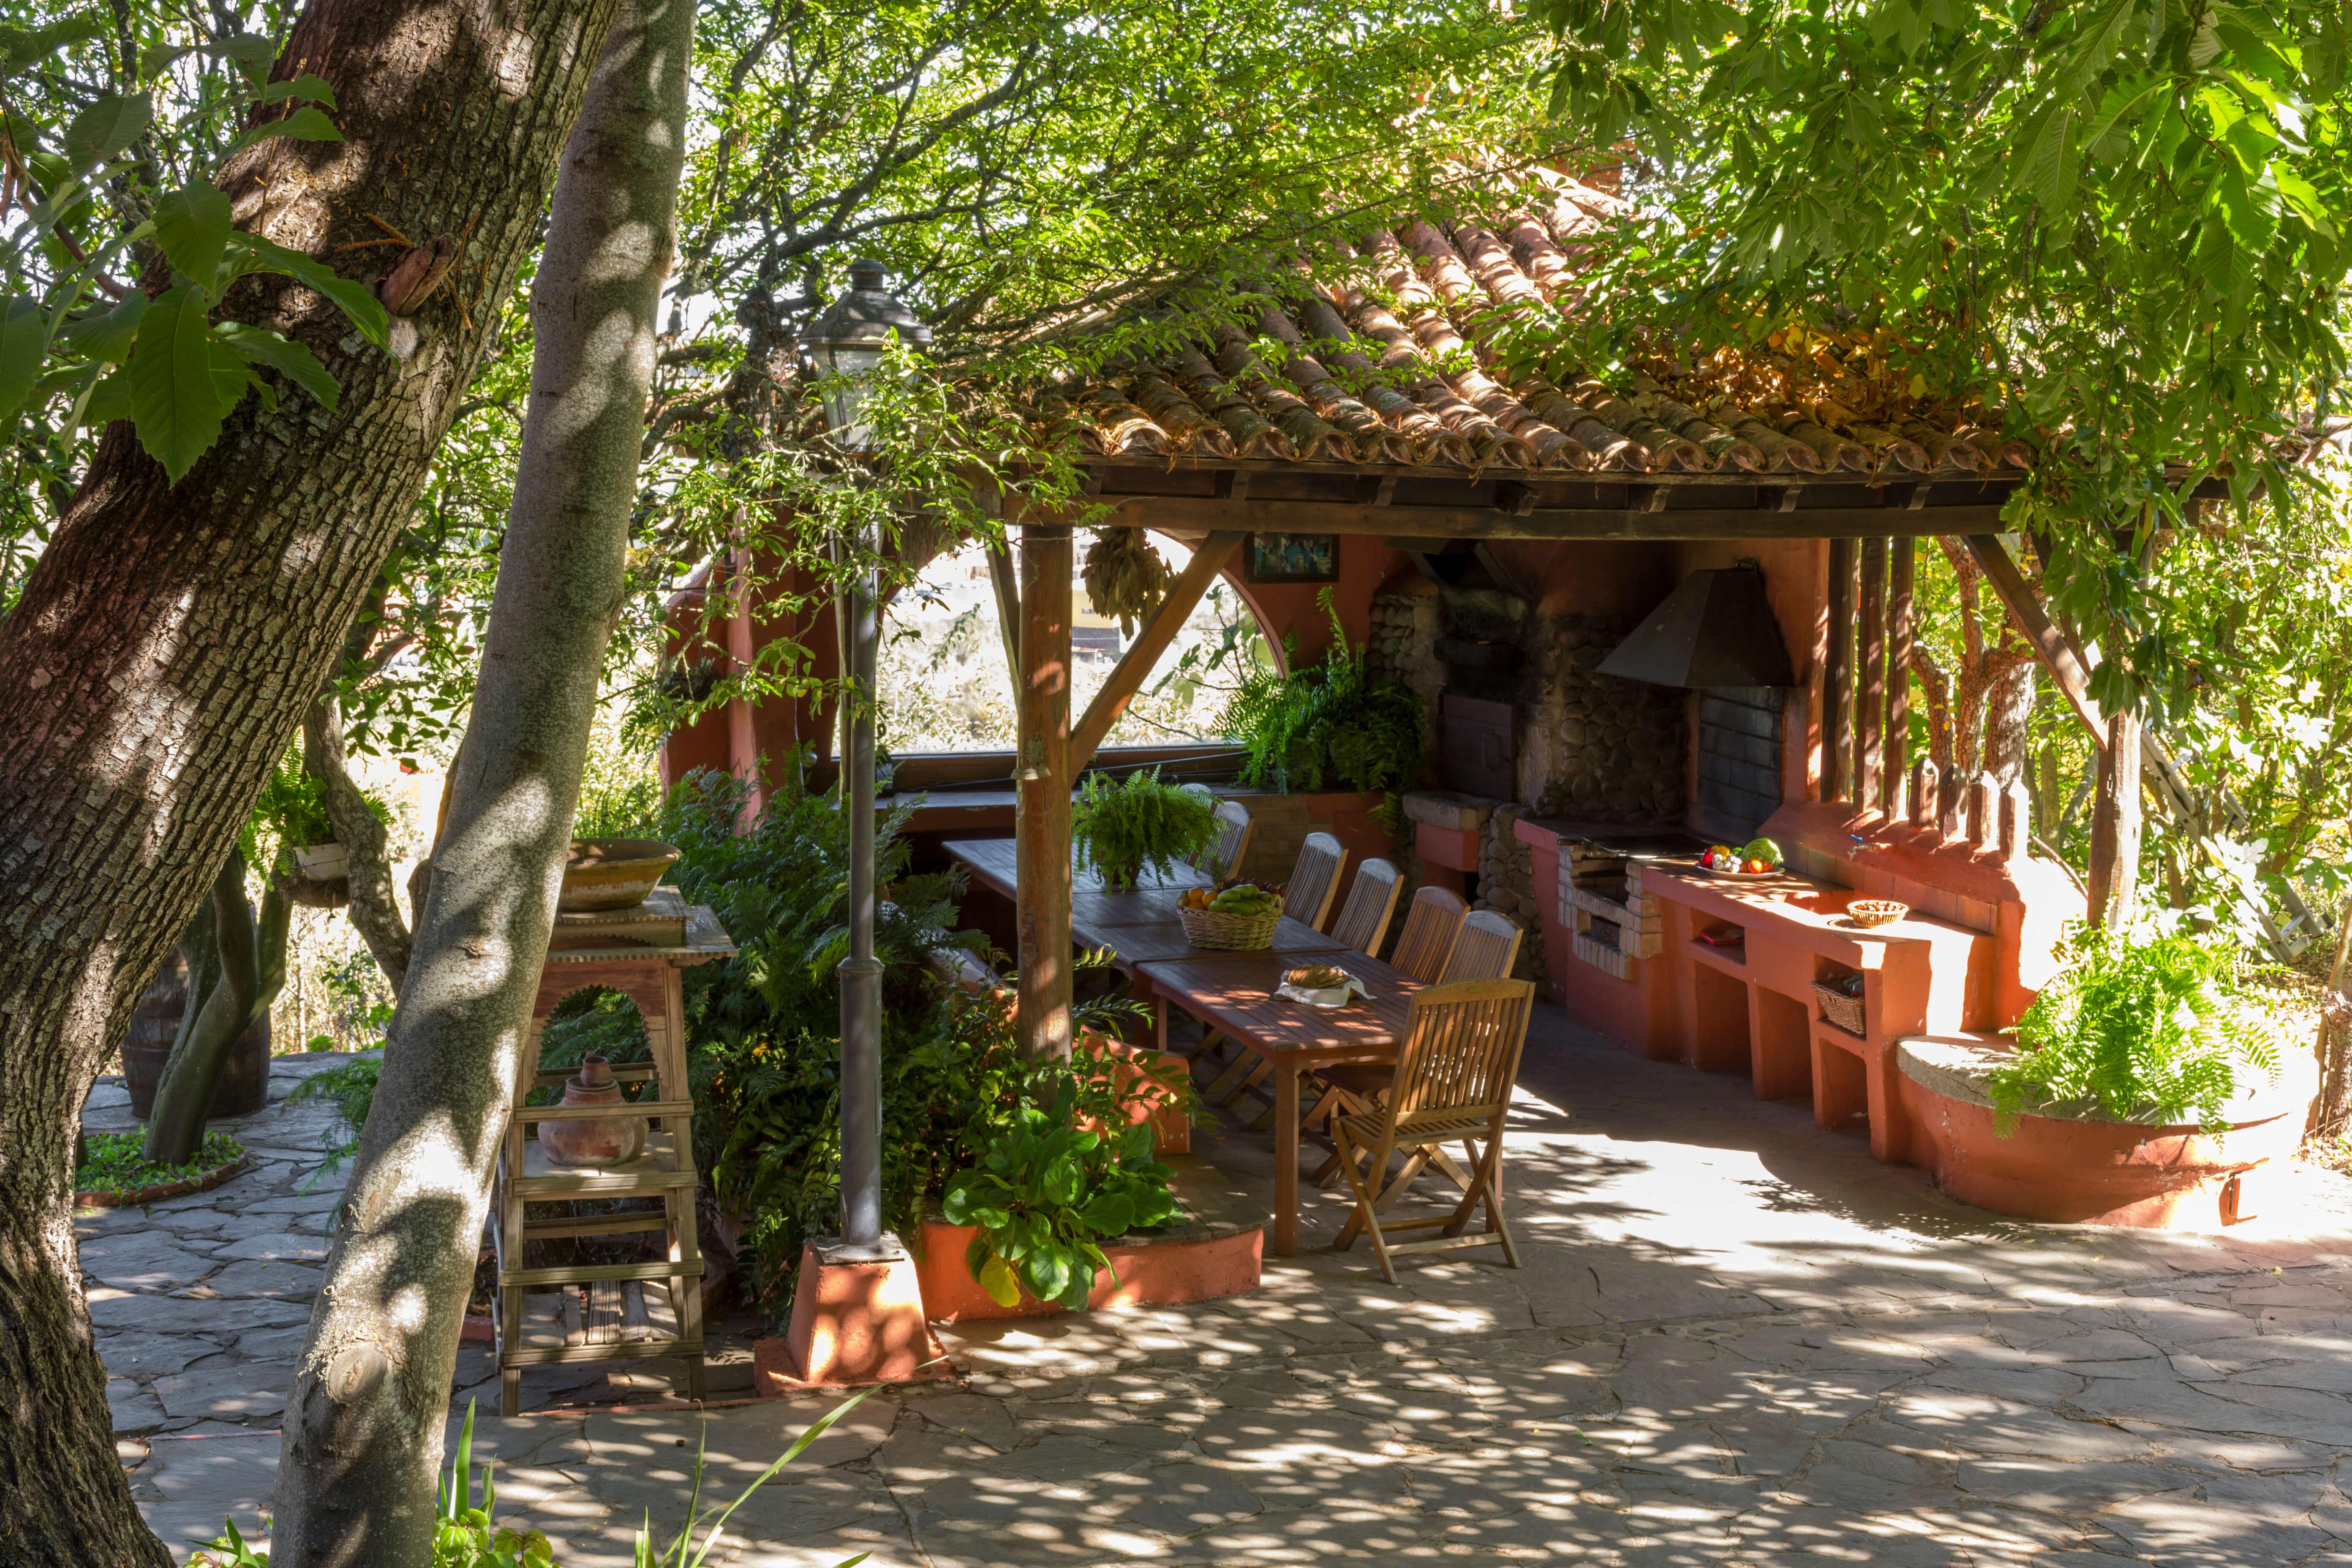 Ferienhaus Großes Ferienhaus in San Mateo (2303726), Vega de San Mateo, Gran Canaria, Kanarische Inseln, Spanien, Bild 27